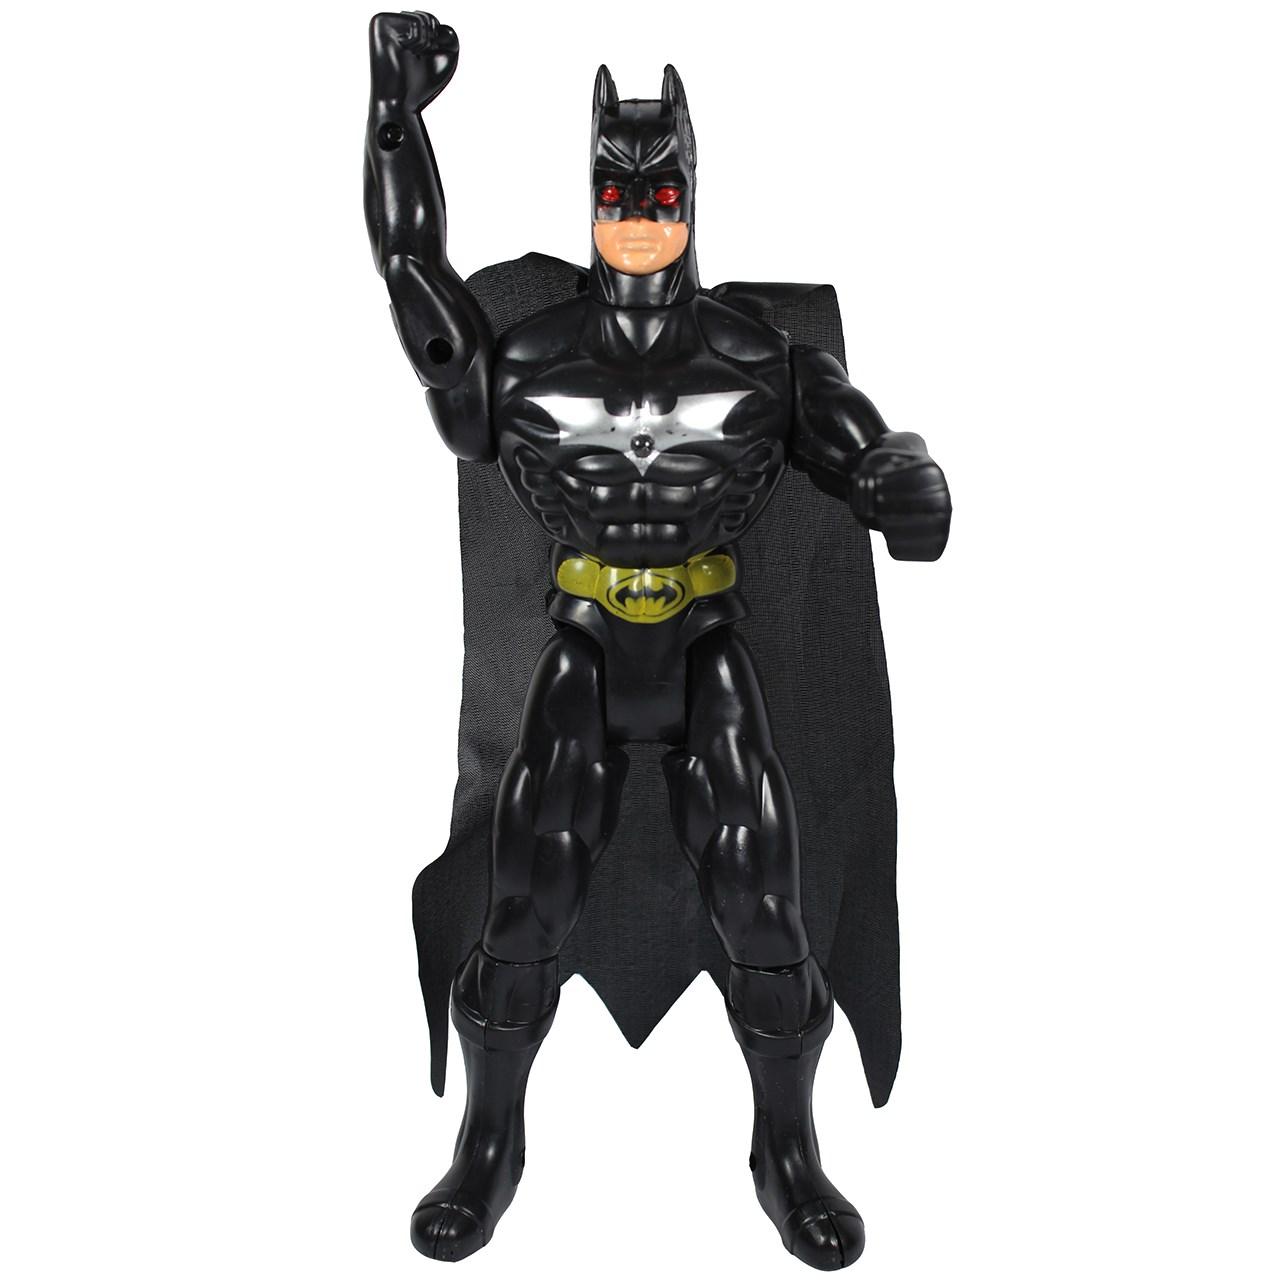 اکشن فیگور بت من مدل Super Heroes